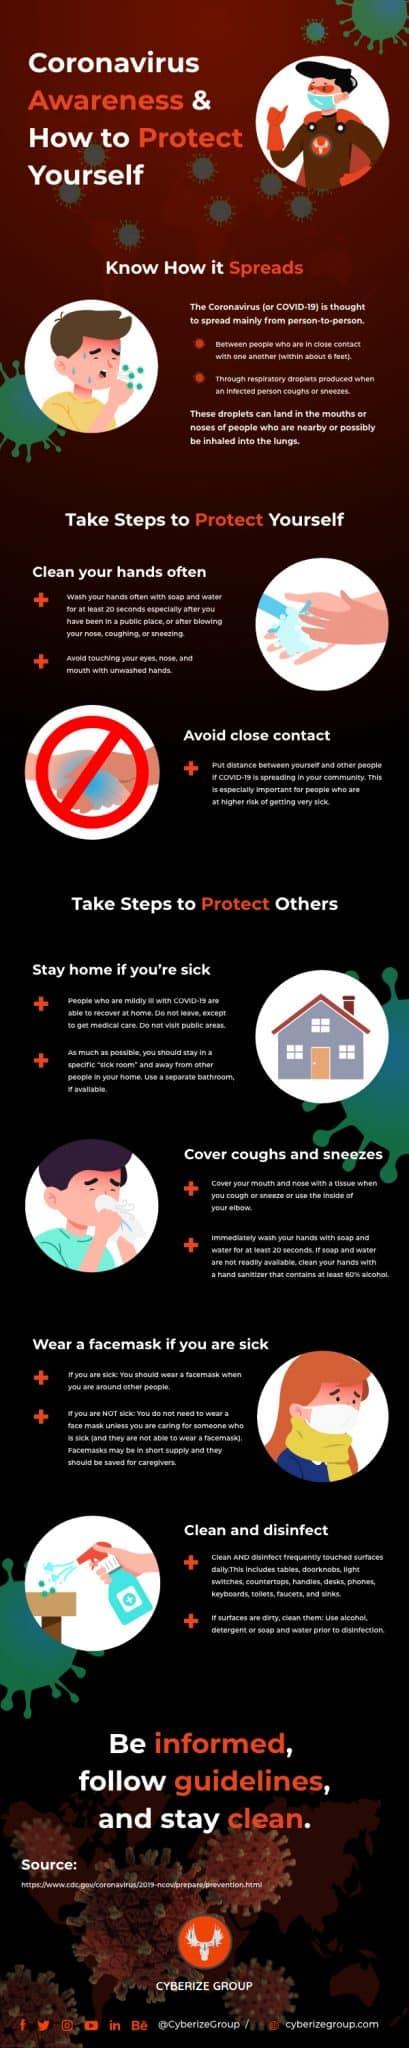 Covid-19 Coronavirus Awareness Infographic